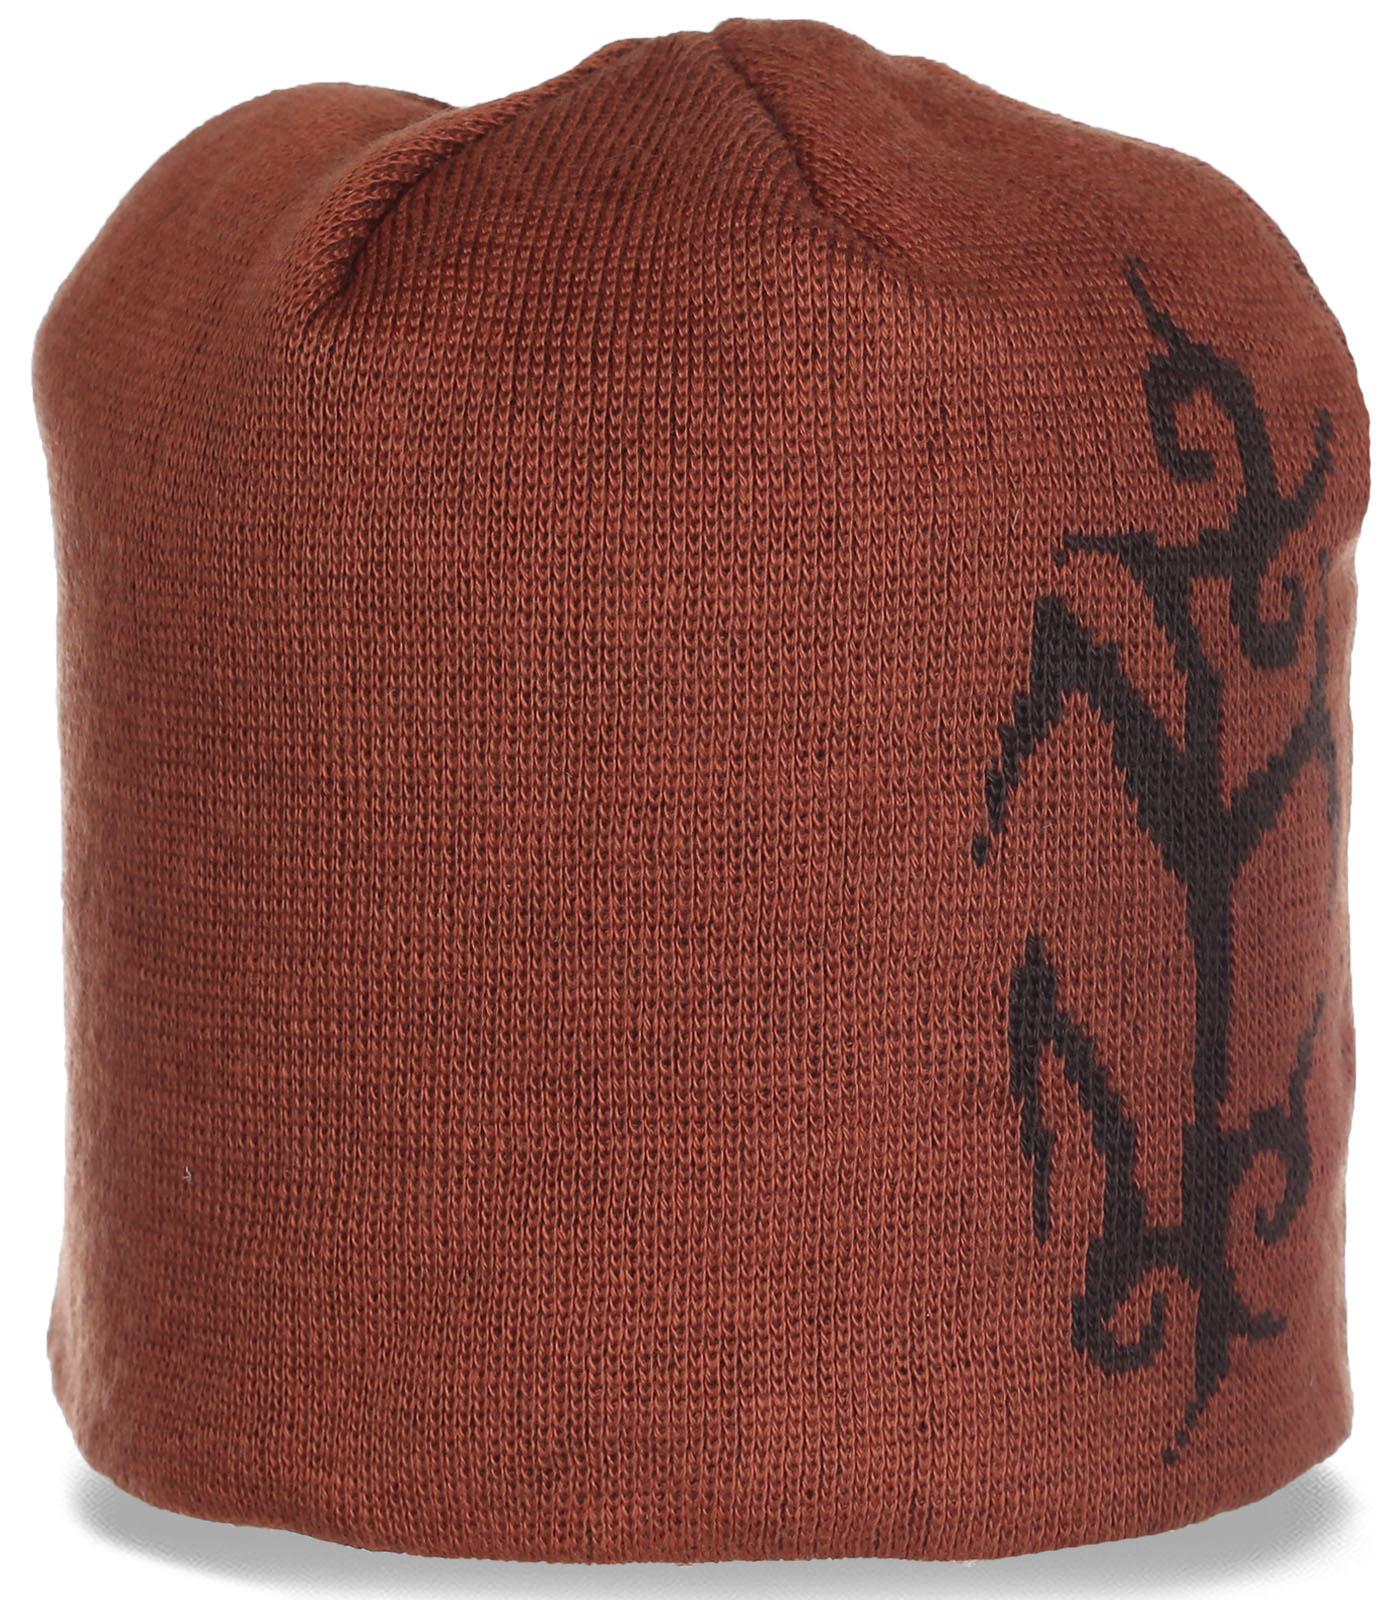 Современная женская шапка на каждый день. Удобная модель, в которой уютно и тепло